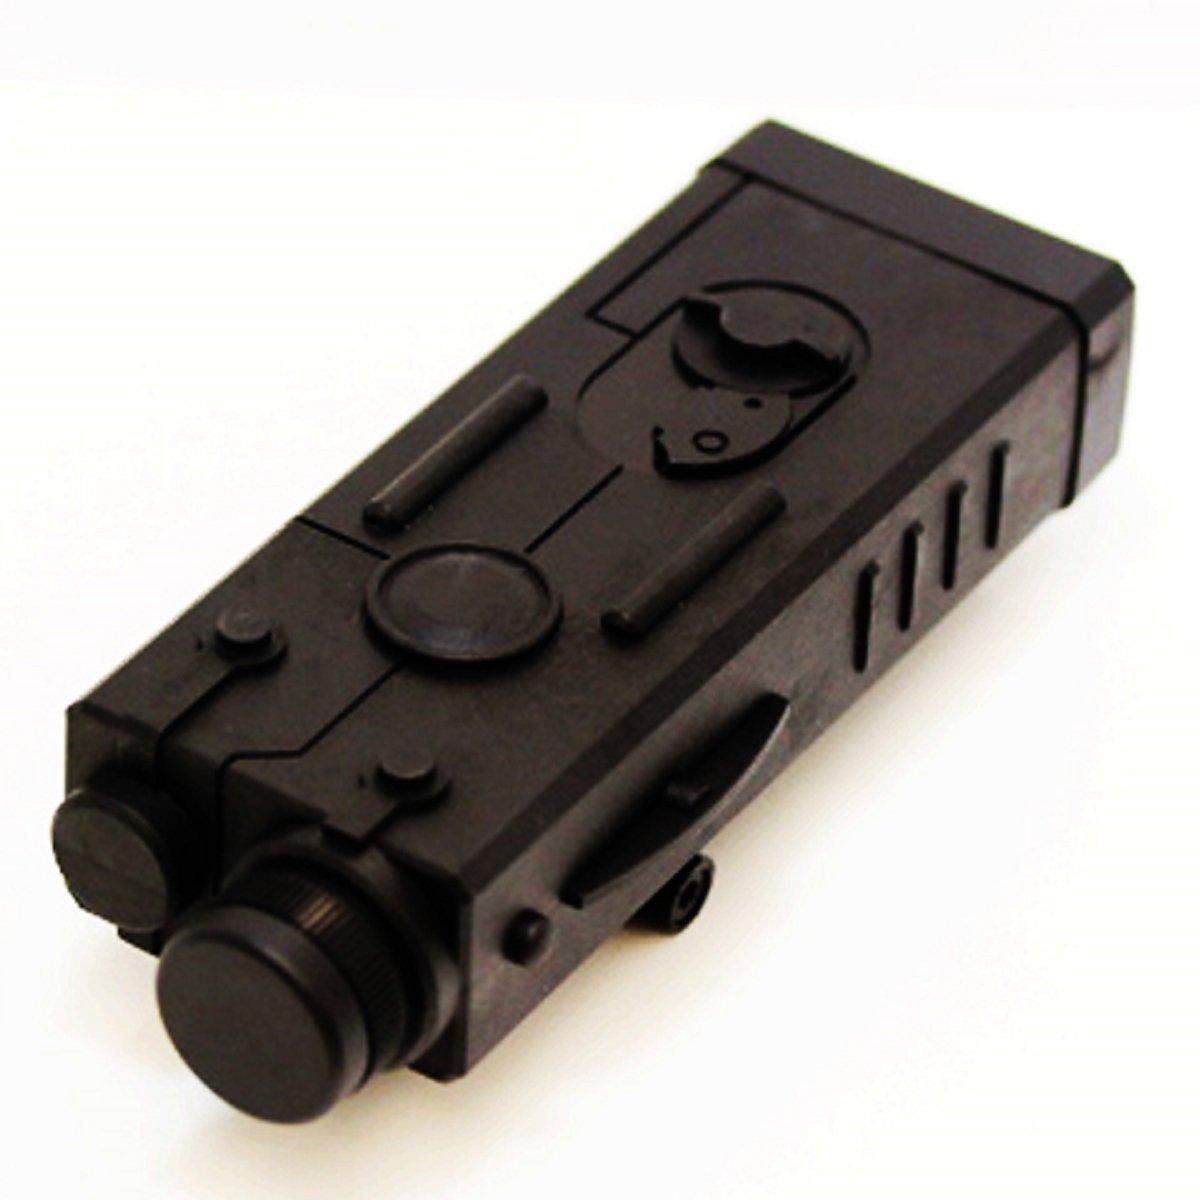 Airsoft Jeu Gear CYMA MP5PEQ style Coque Batterie Boîte Noir